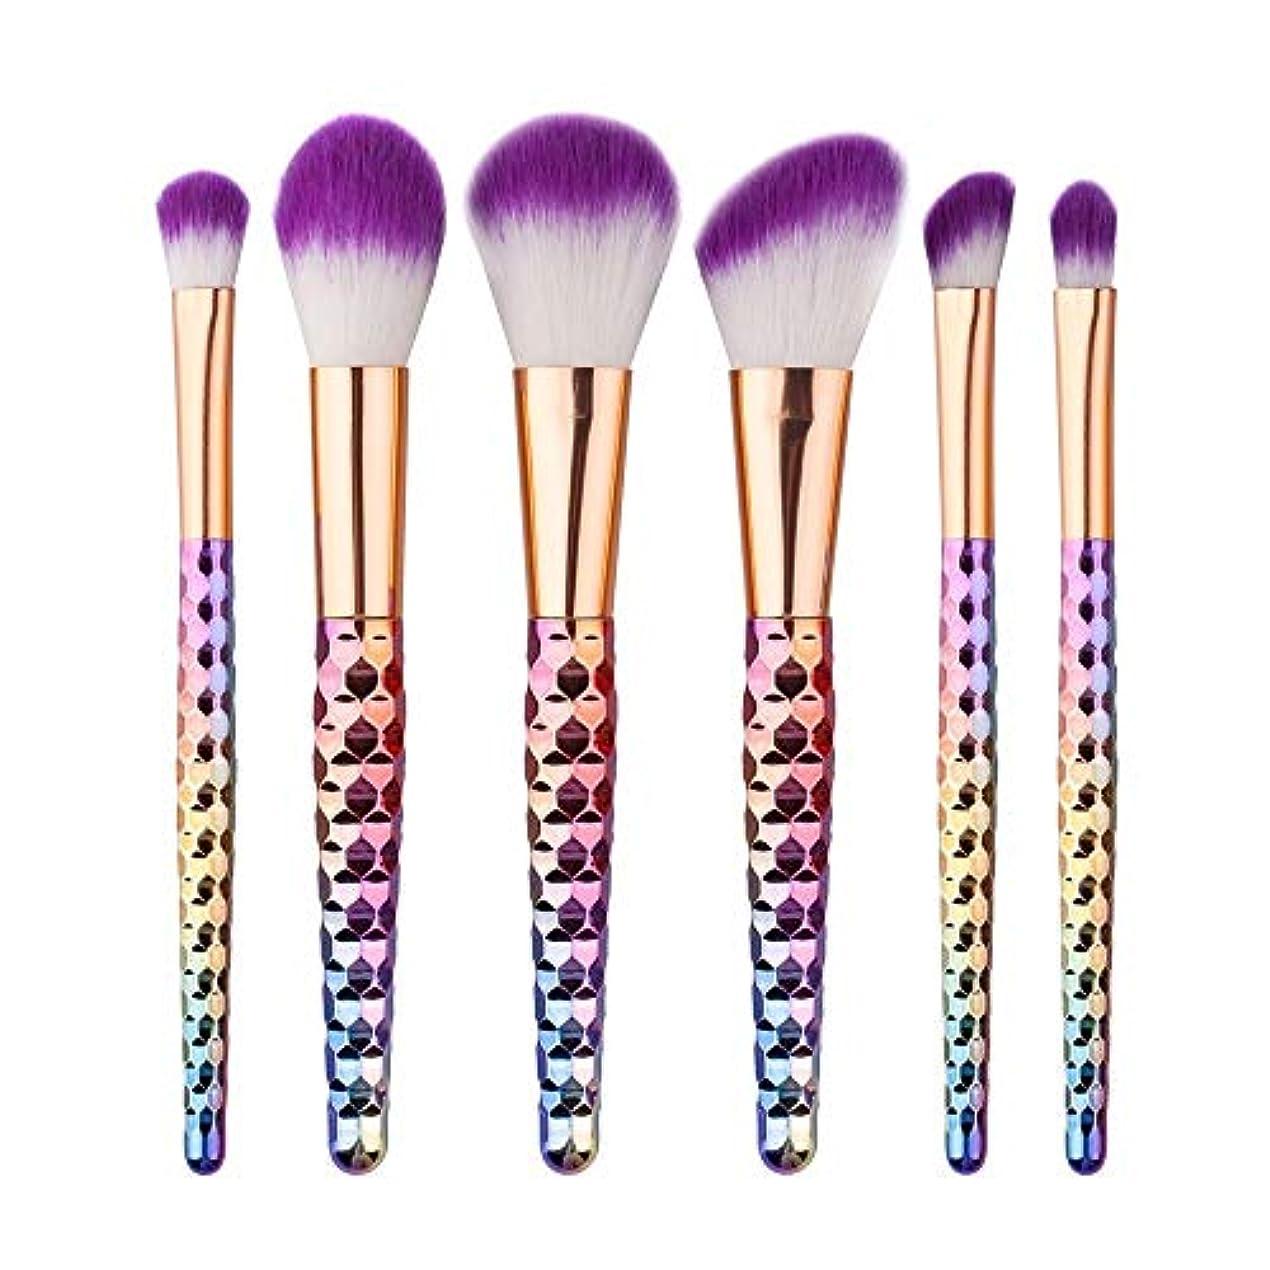 一時解雇する短命確かめるMakeup brushes 美容ガールメイクブラシダイヤモンド鍛造ダイヤモンドハンドル6パックセットメイクアイシャドウブラシ美容ツール suits (Color : Colorful)